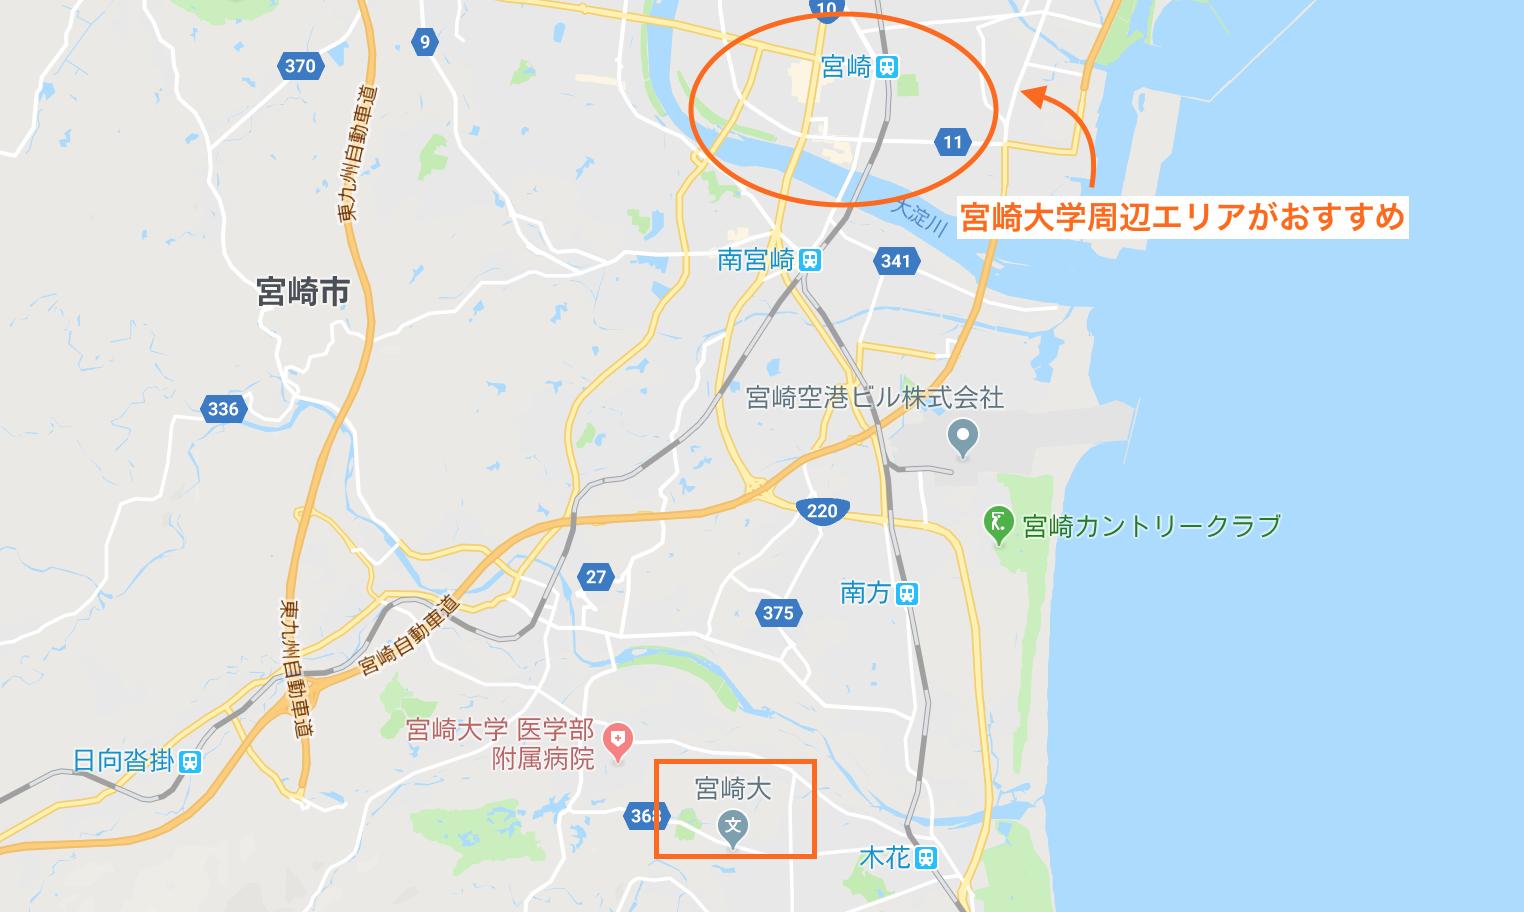 宮崎大学の木花キャンパス周辺の宿泊エリア